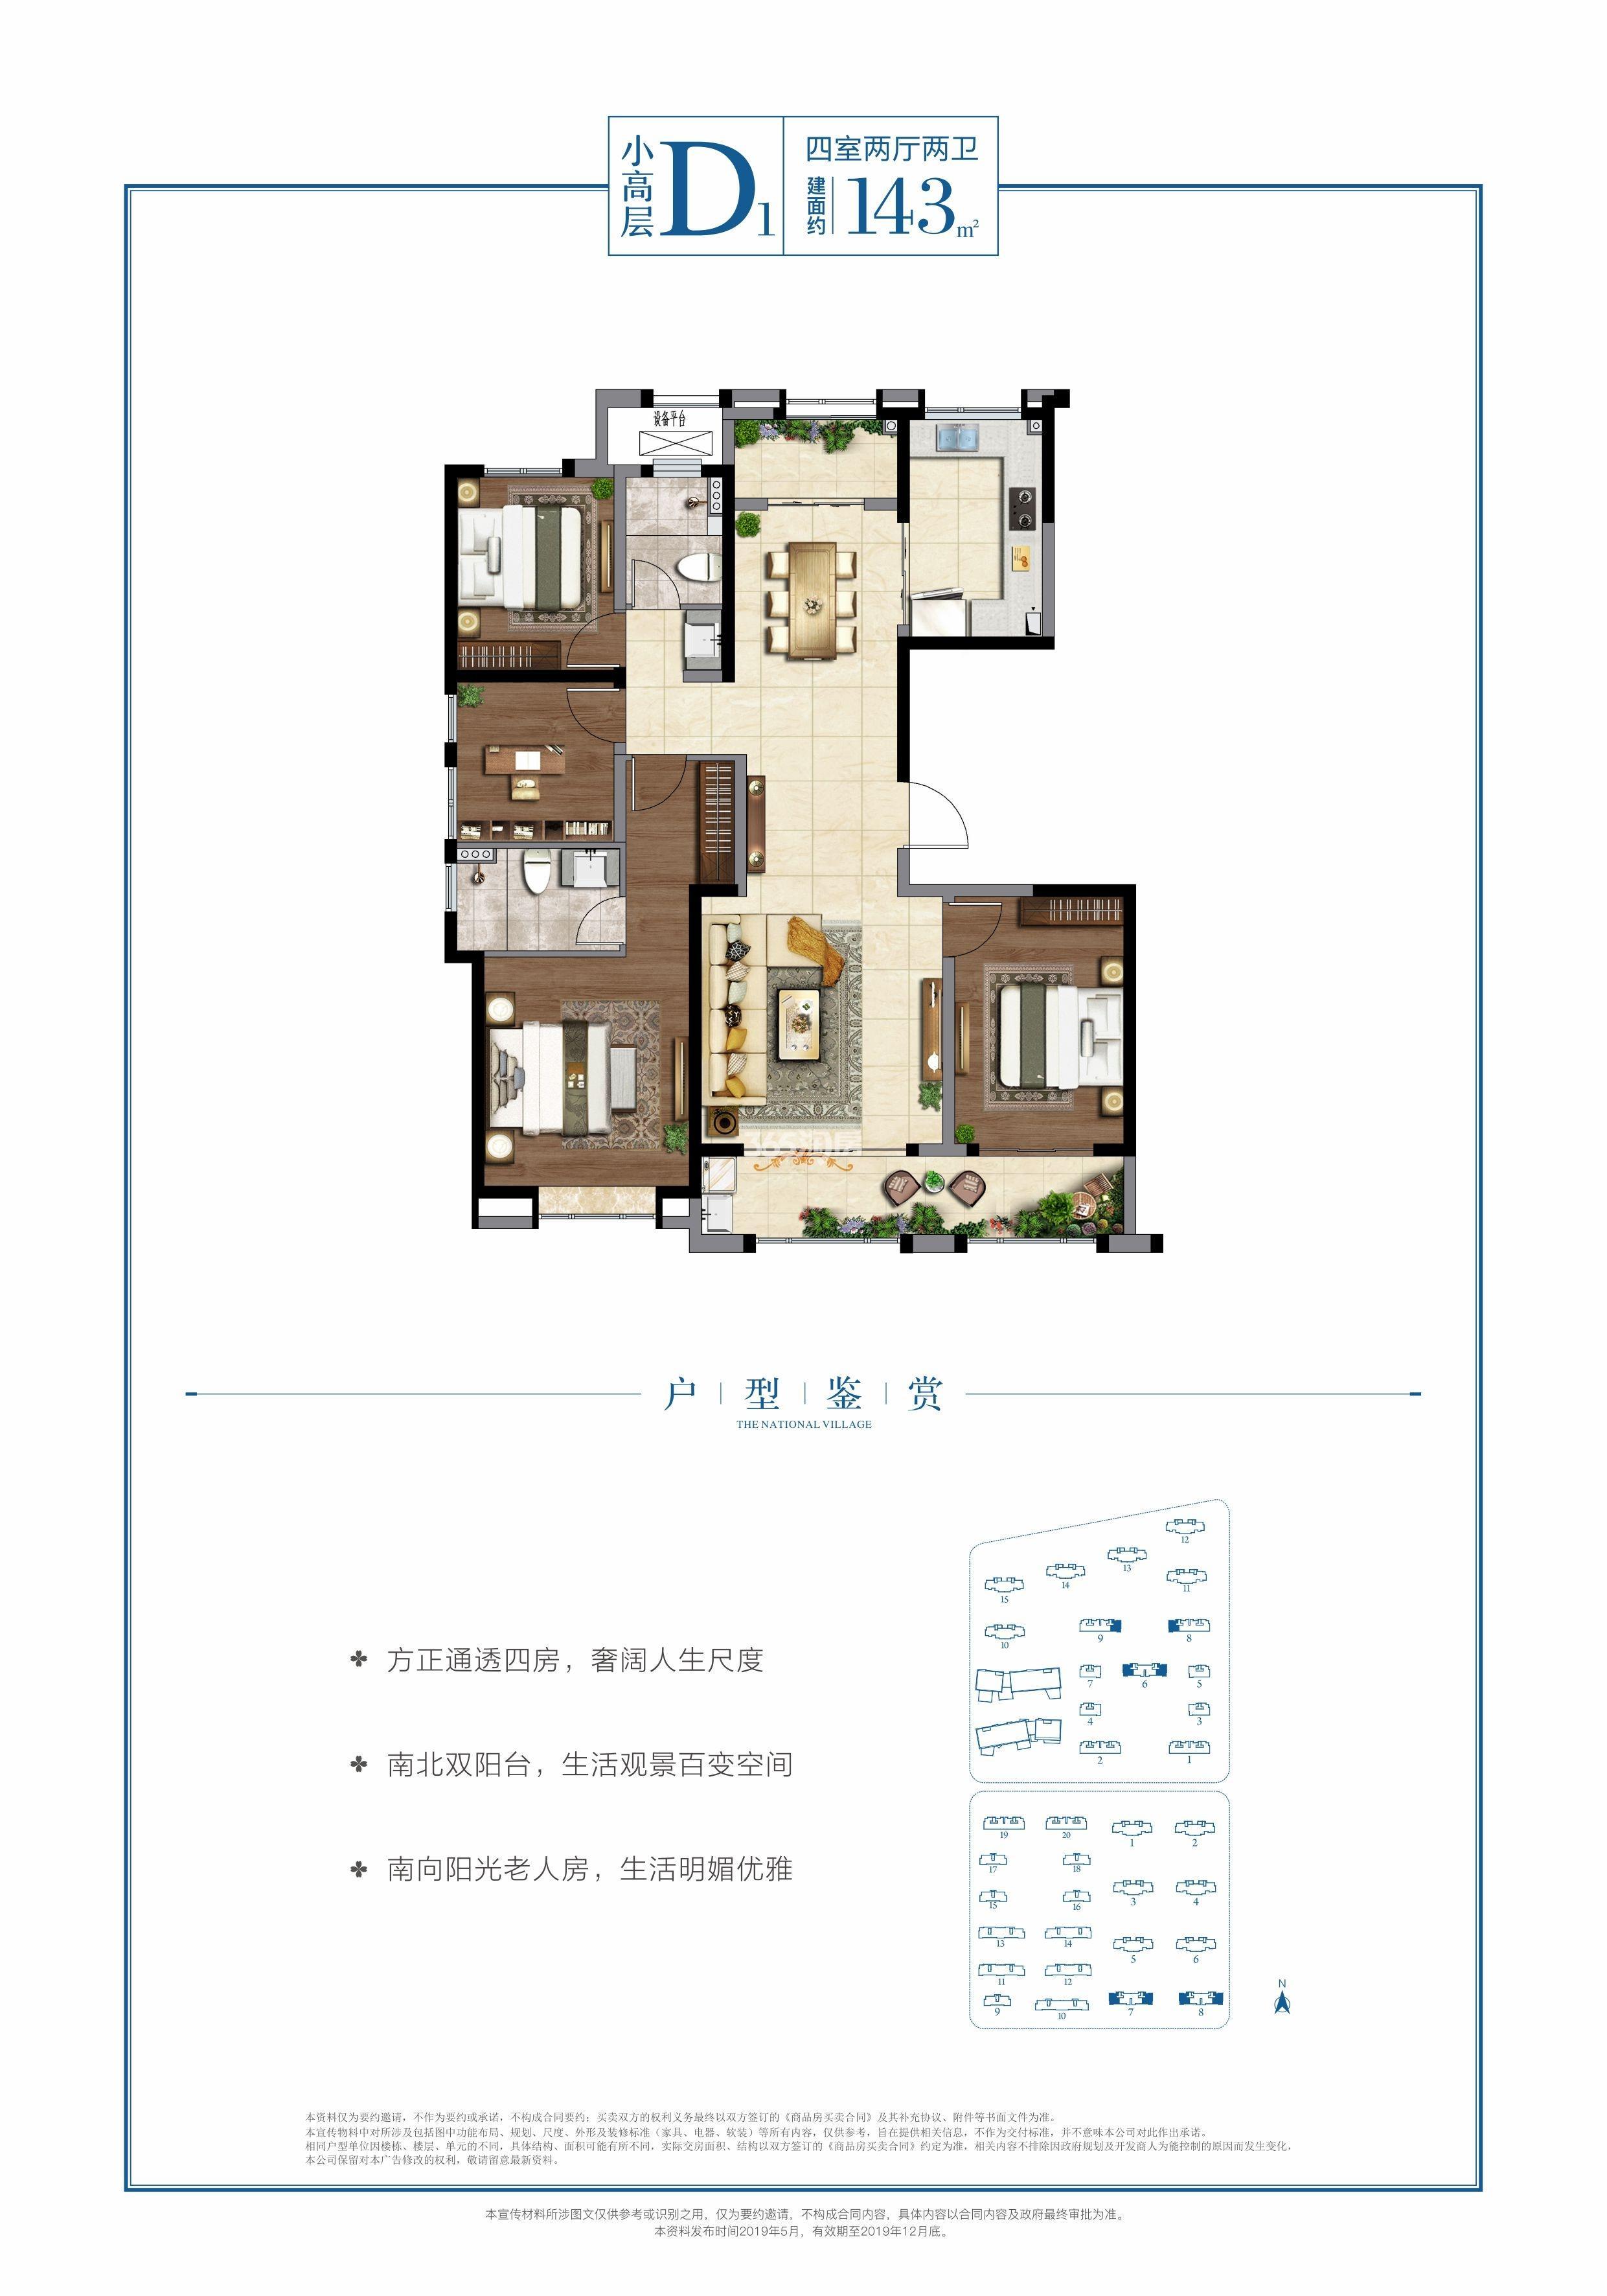 子衿苑(三期)小高层D1 143㎡四室两厅两卫户型图